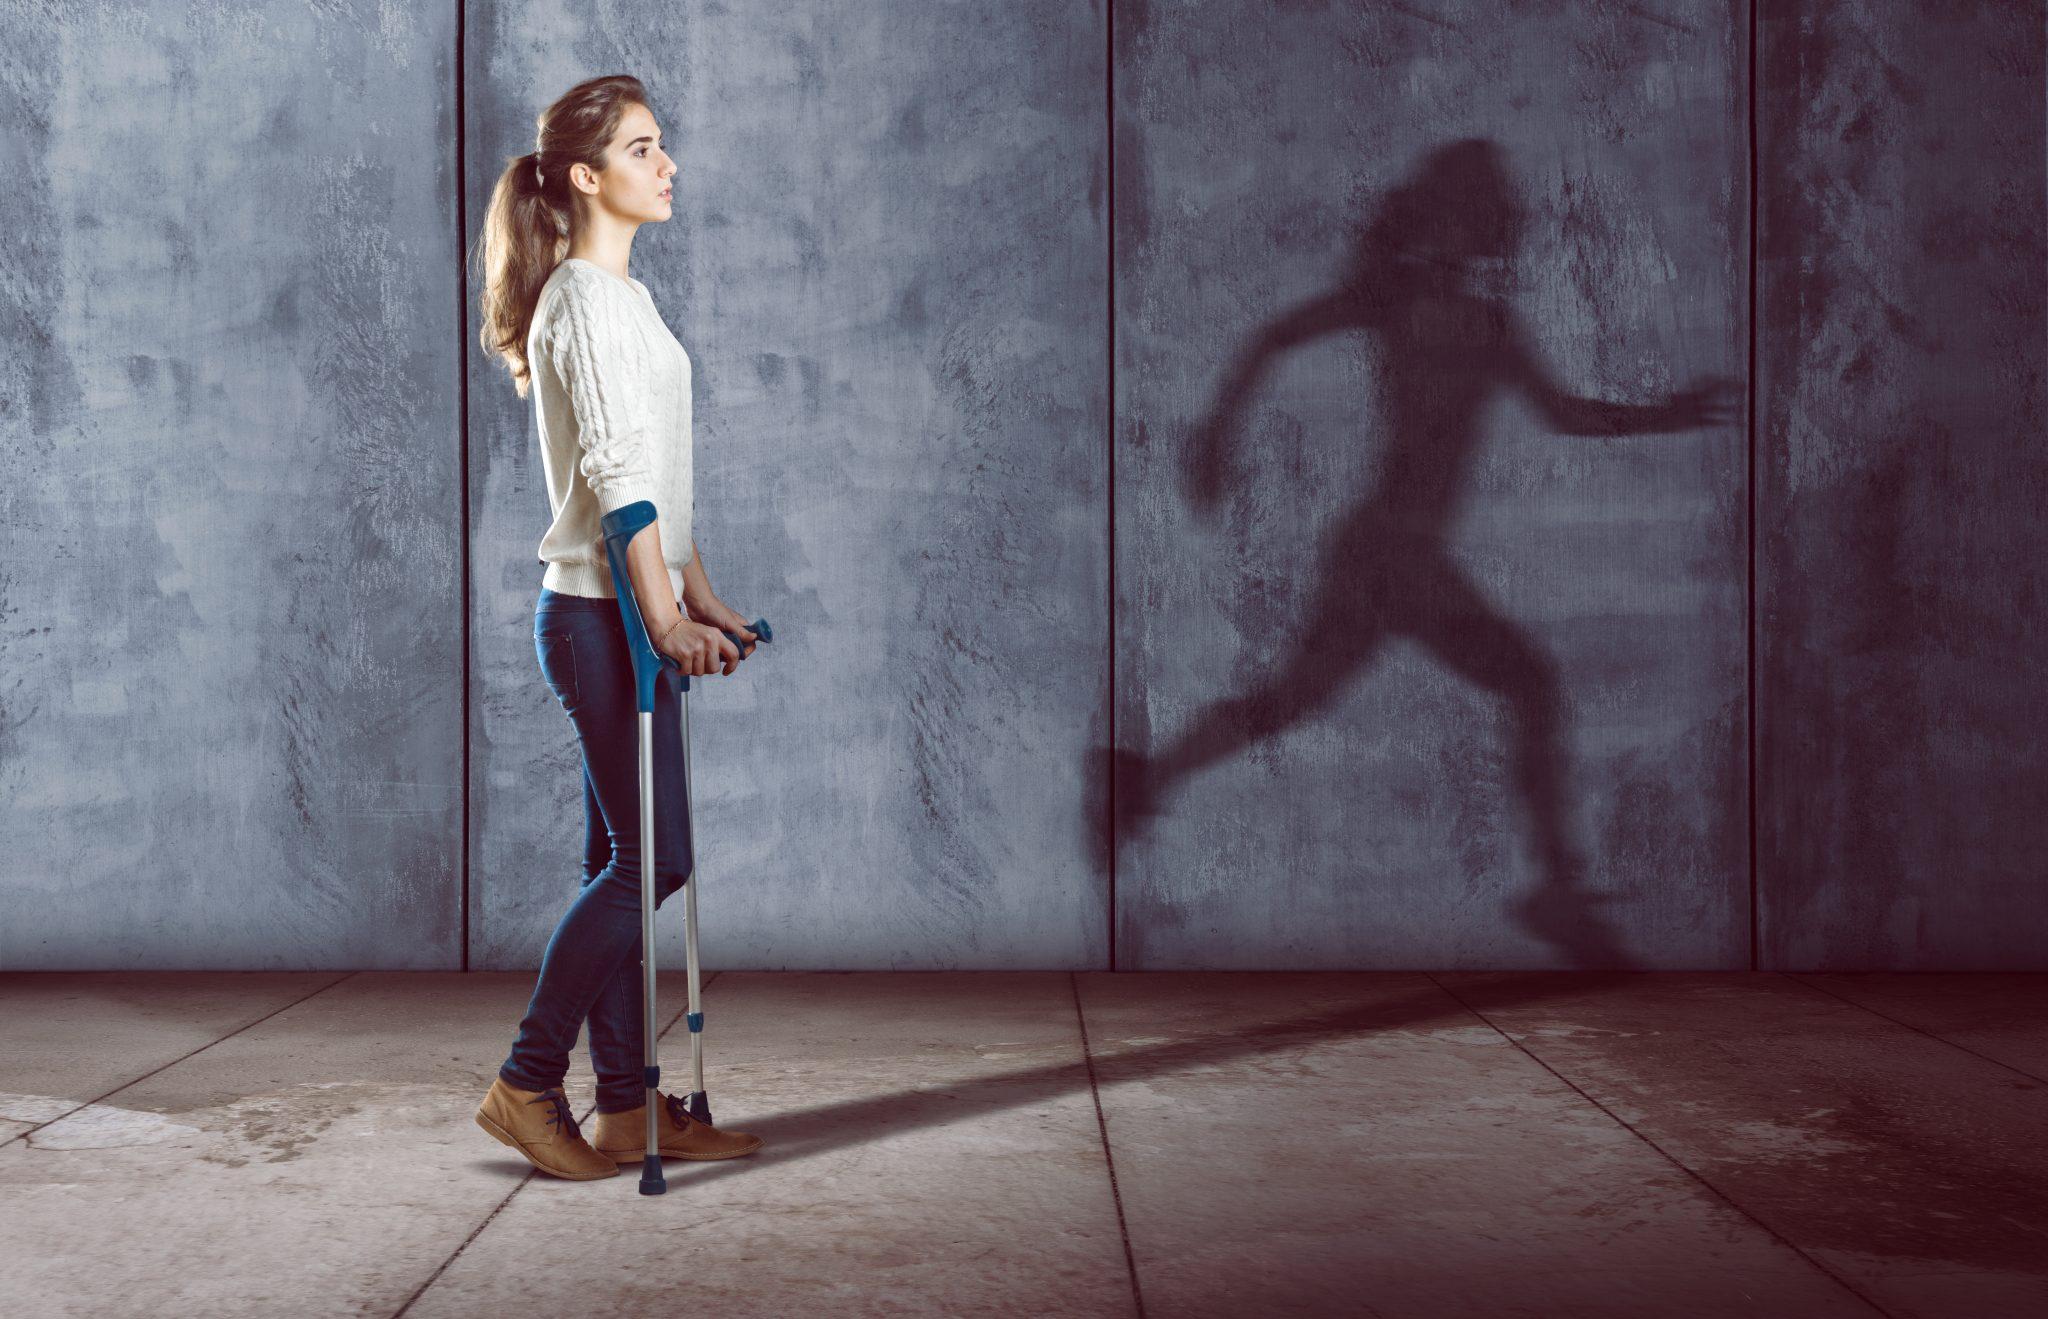 Kobieta idzie o kulach, w tle jej cień jest w pozycji biegnącej